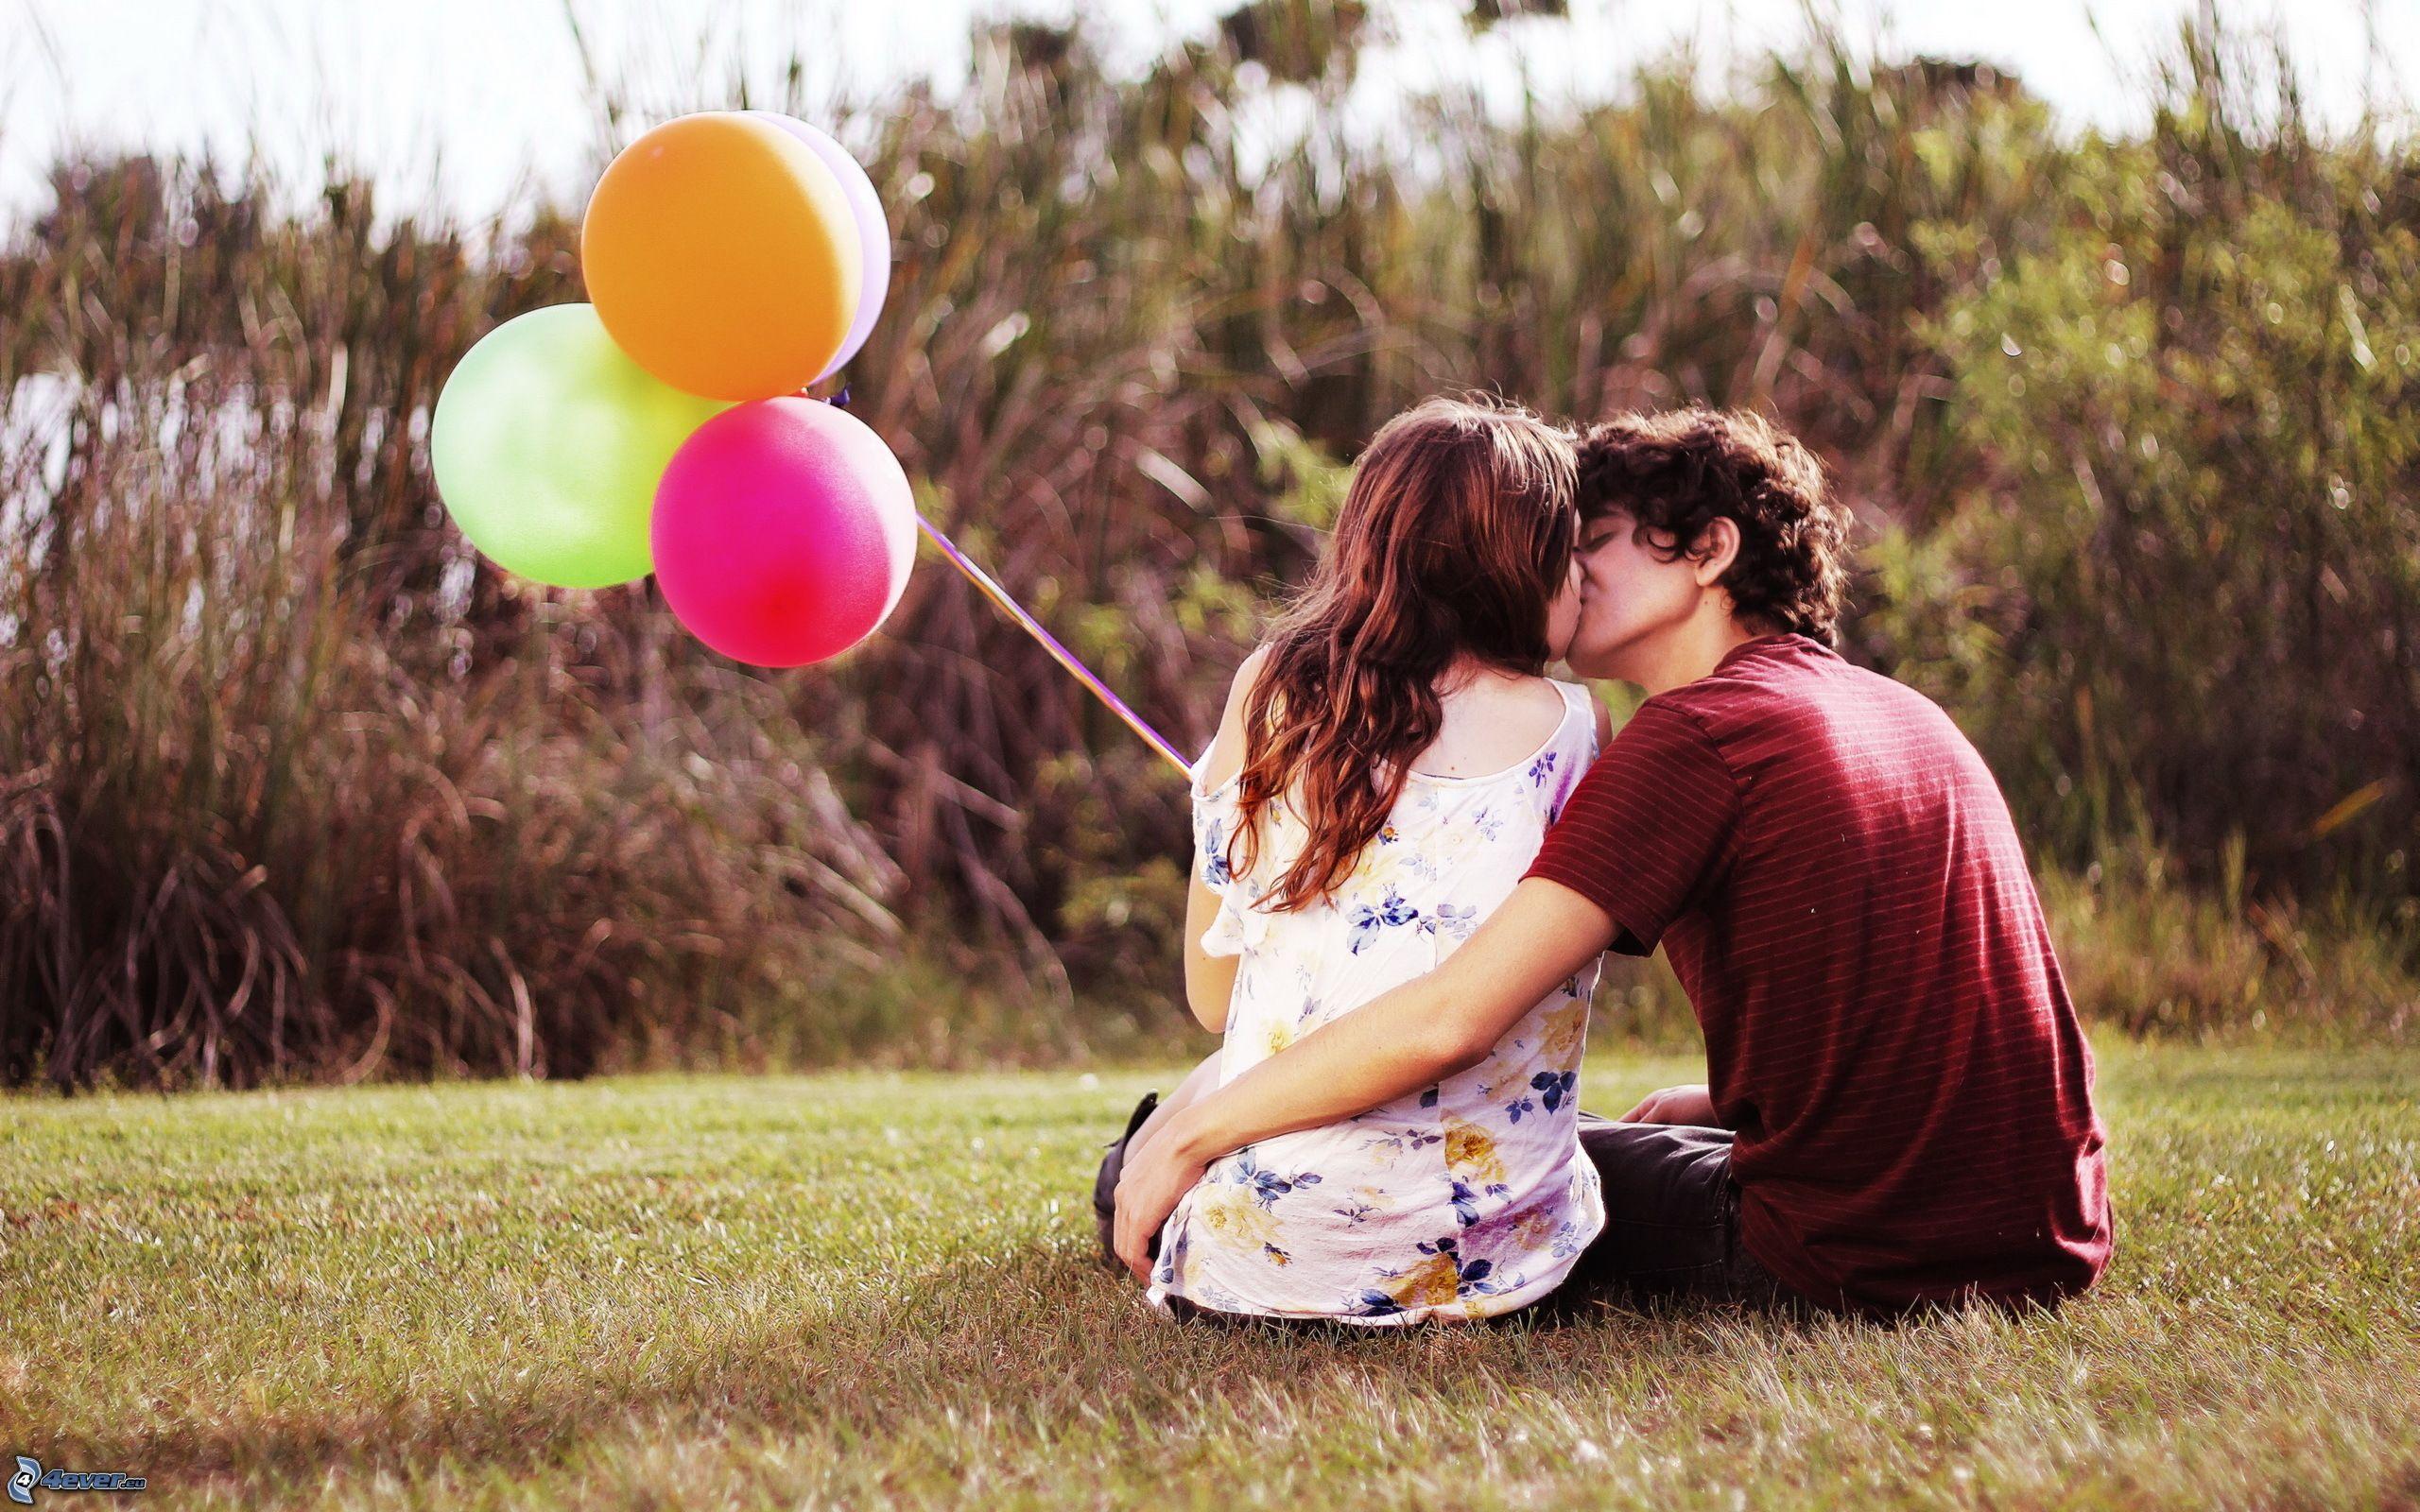 [Bí kíp yêu] 7 tuyệt chiêu giúp bạn giữ lửa cho tình yêu luôn nồng ấm